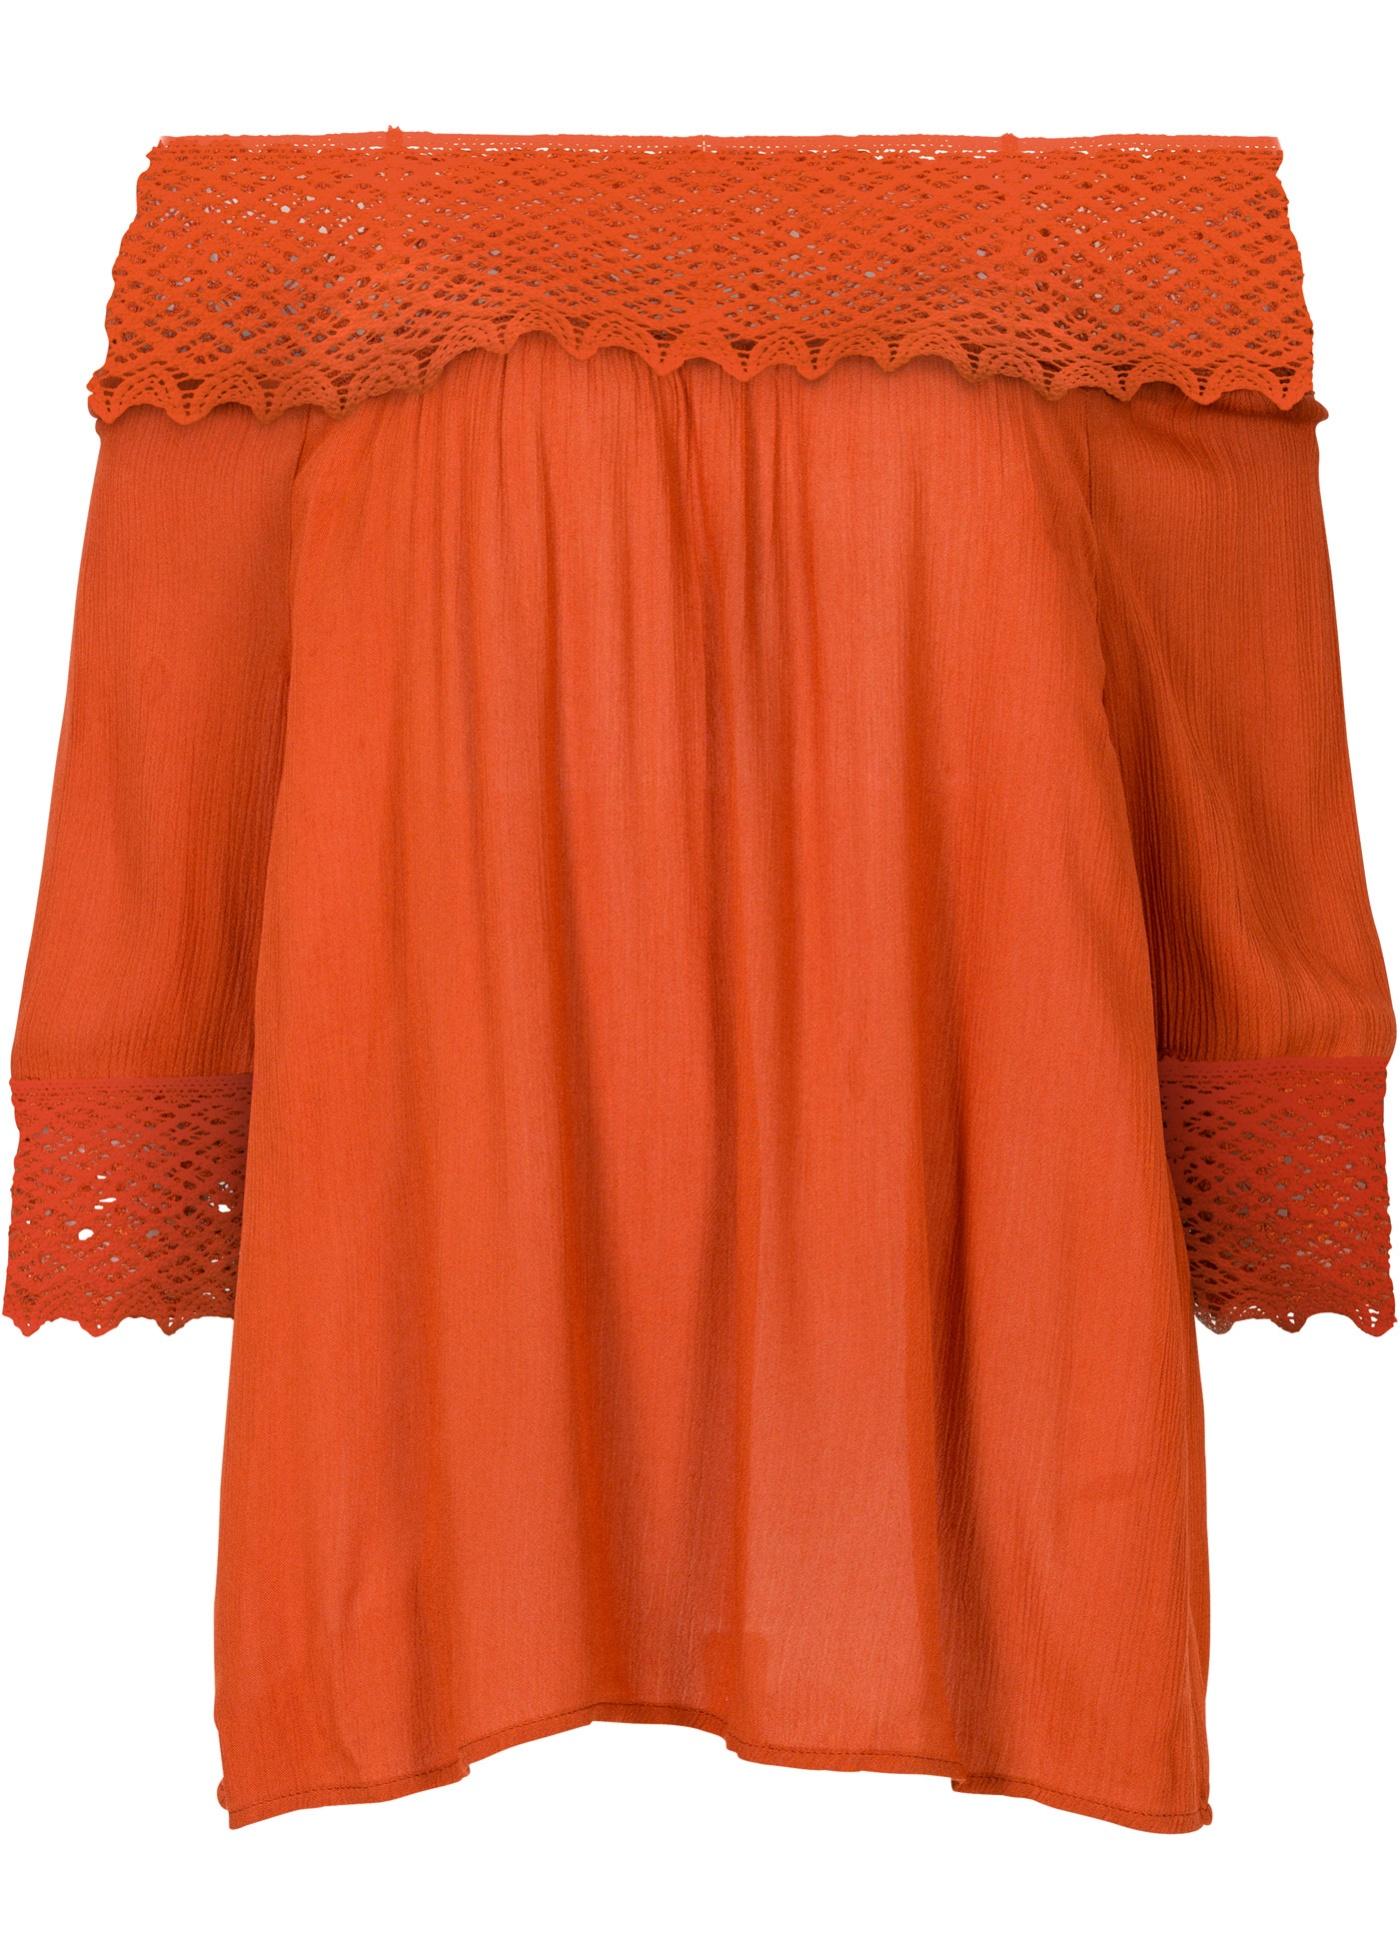 Blusa ombro a ombro com crochê laranja claro manga 7 / 8 com decote cigana